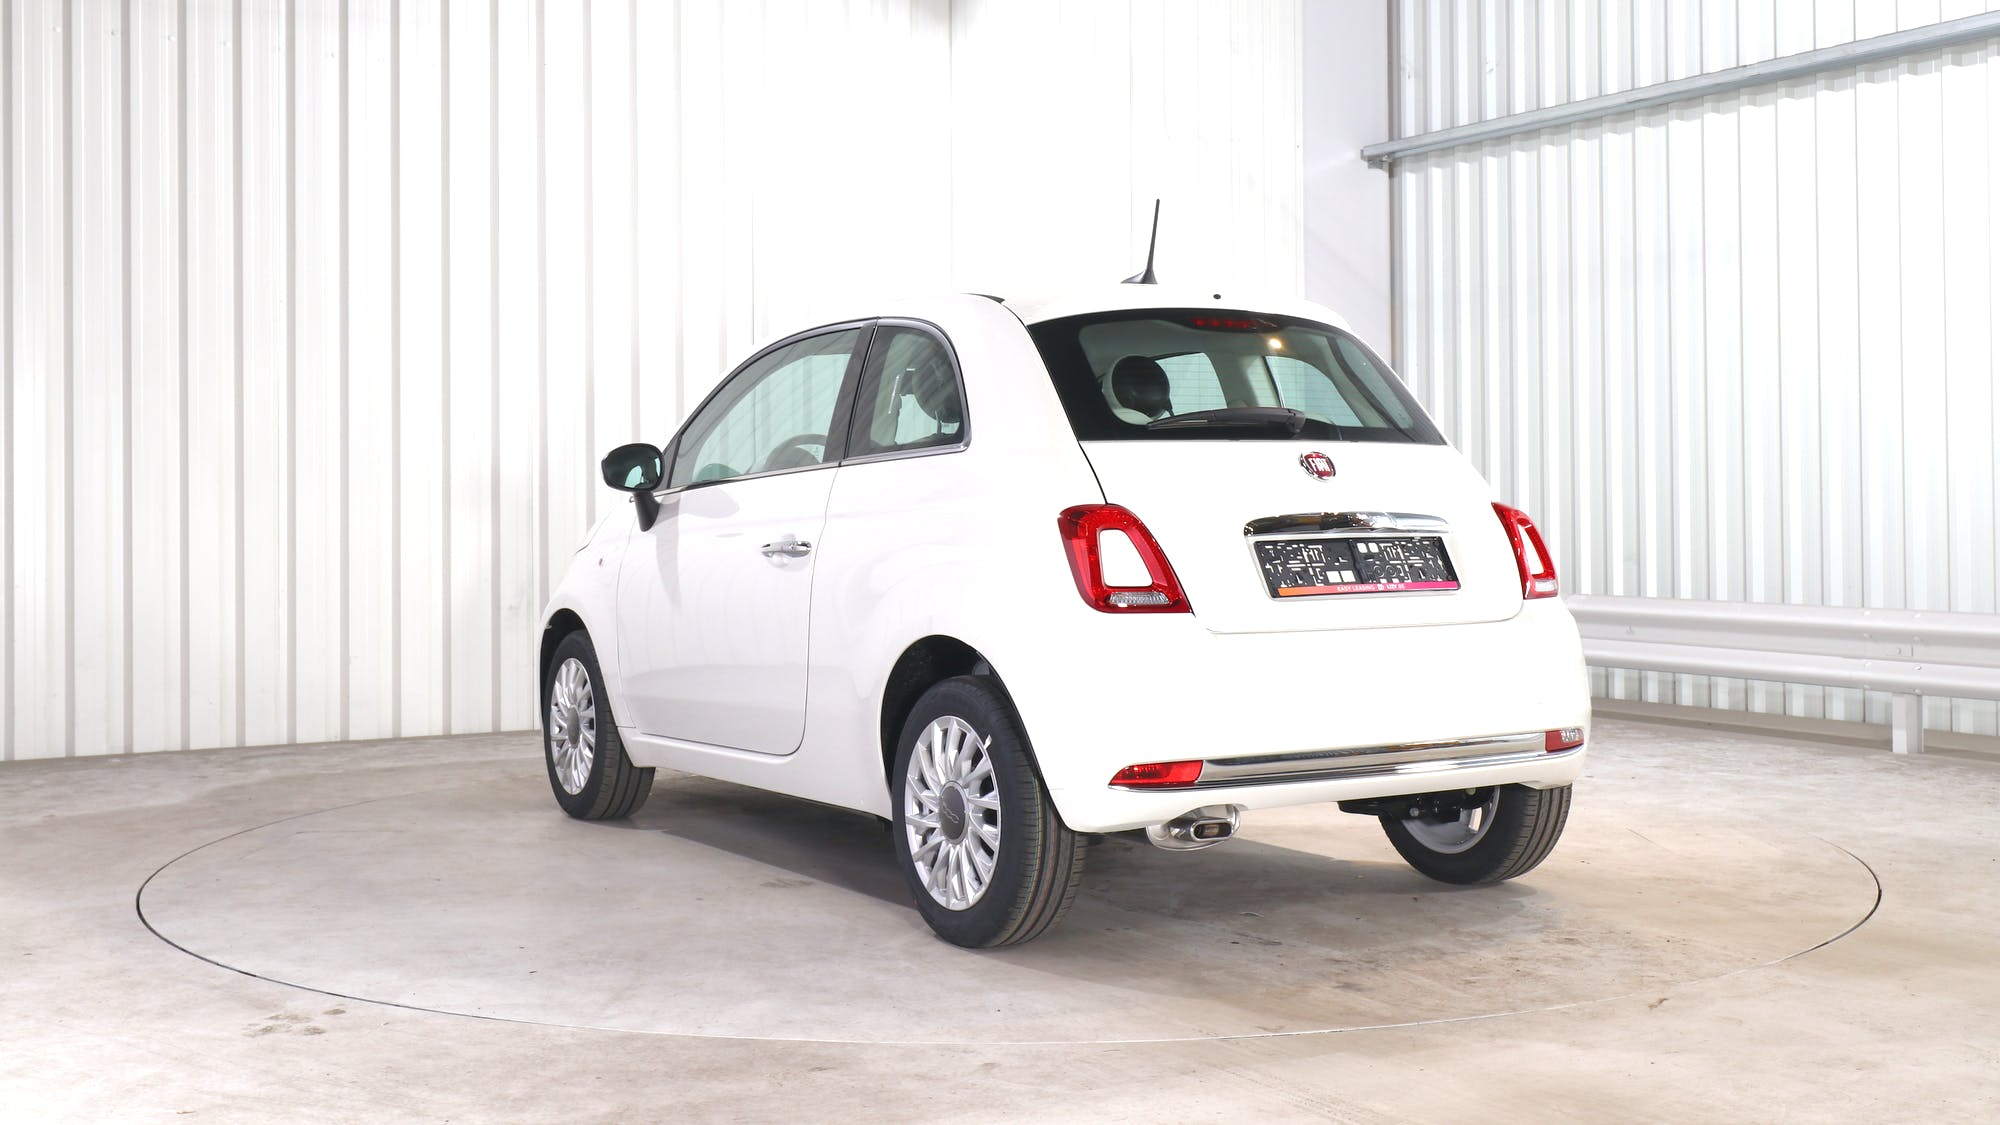 FIAT 500 leasing exterior 4